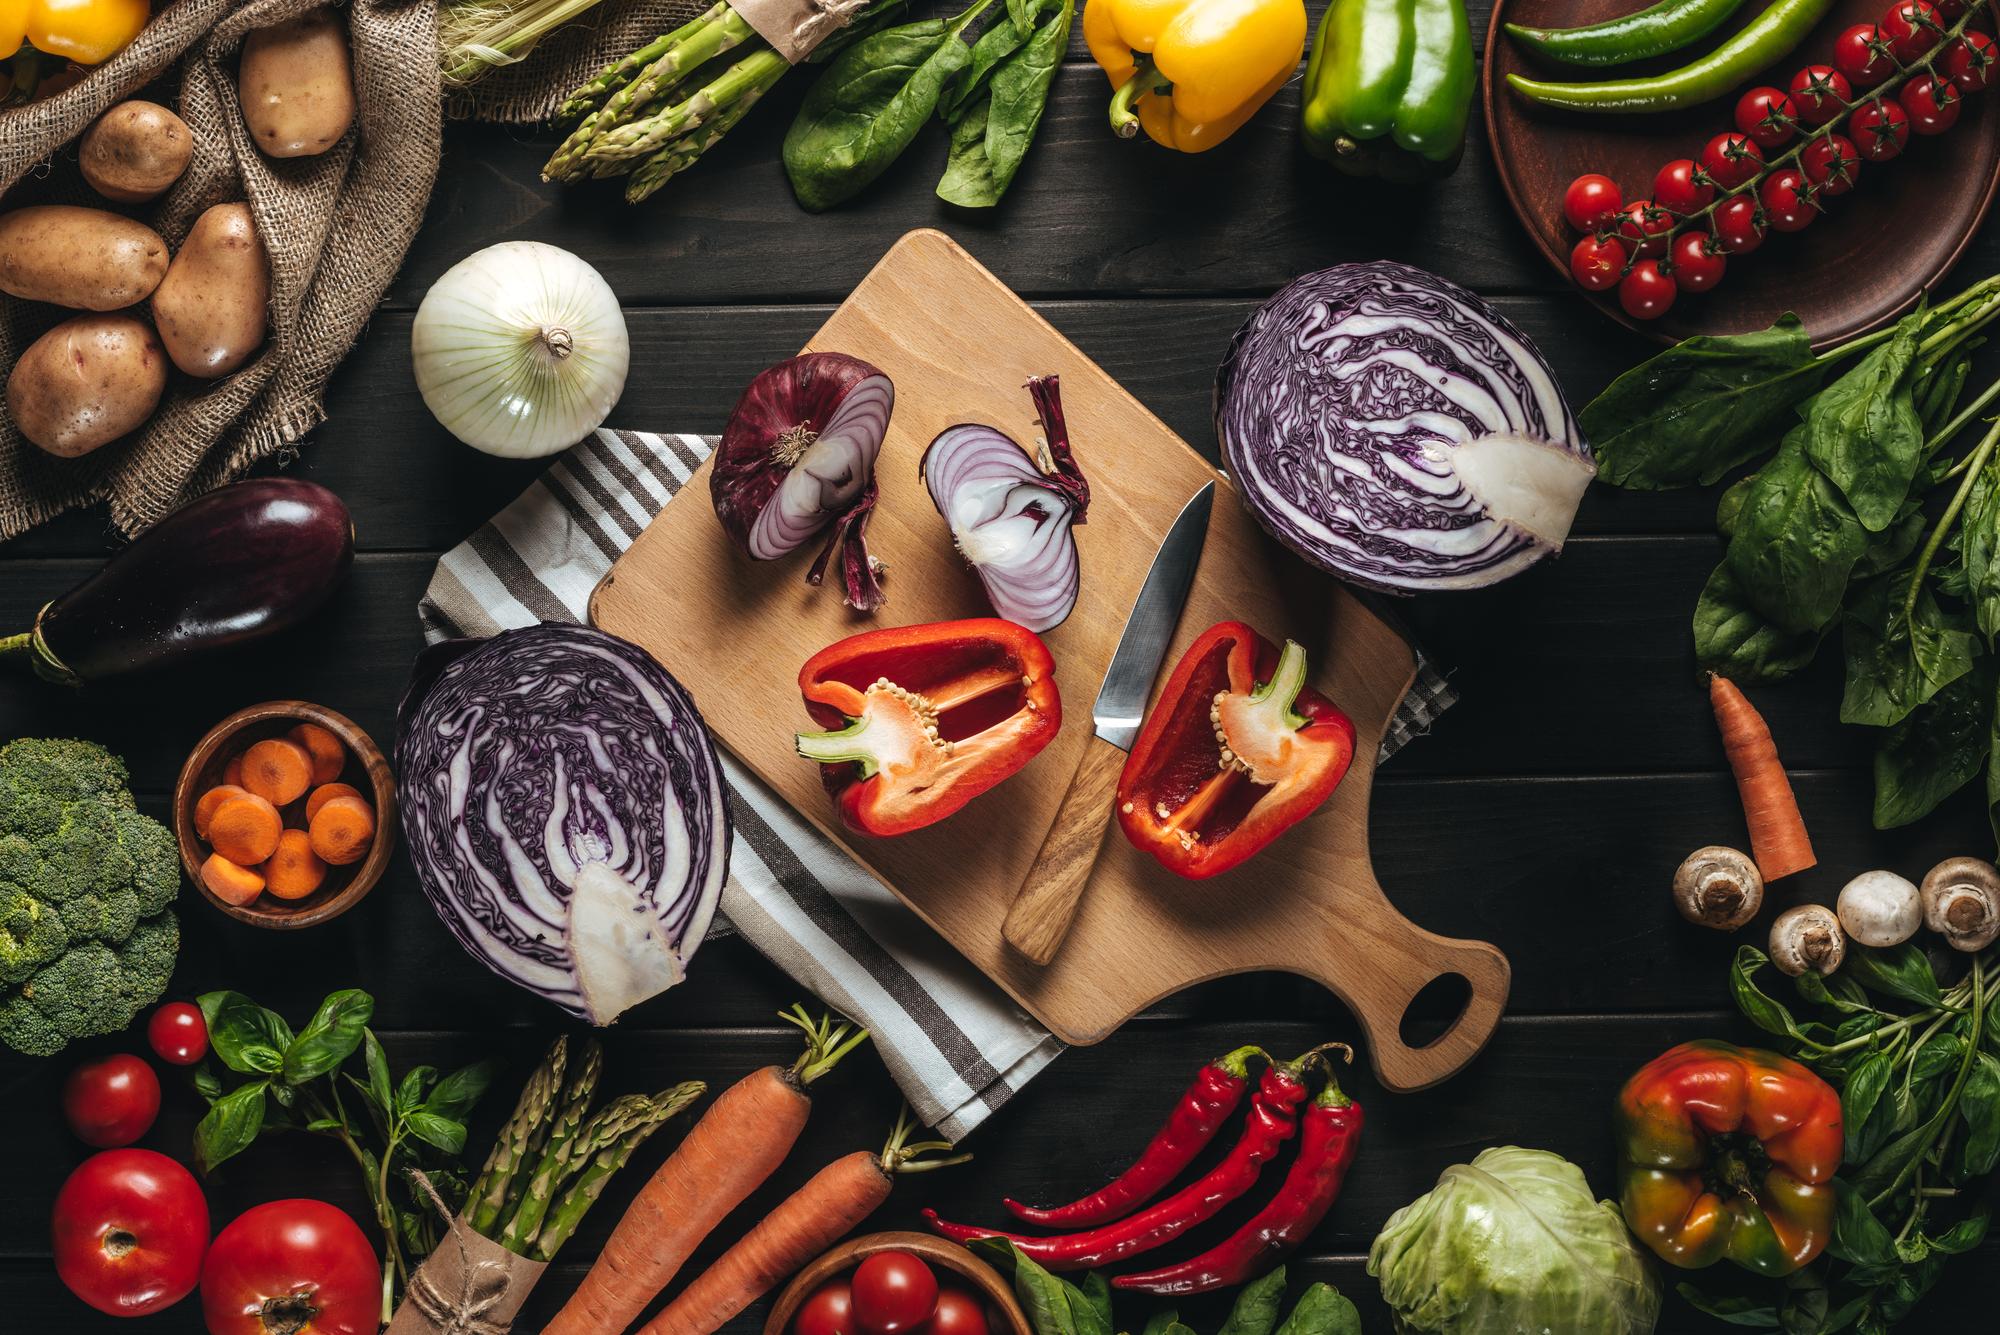 Їж, молись, не викидай: як робити так, щоб продукти не псувалися